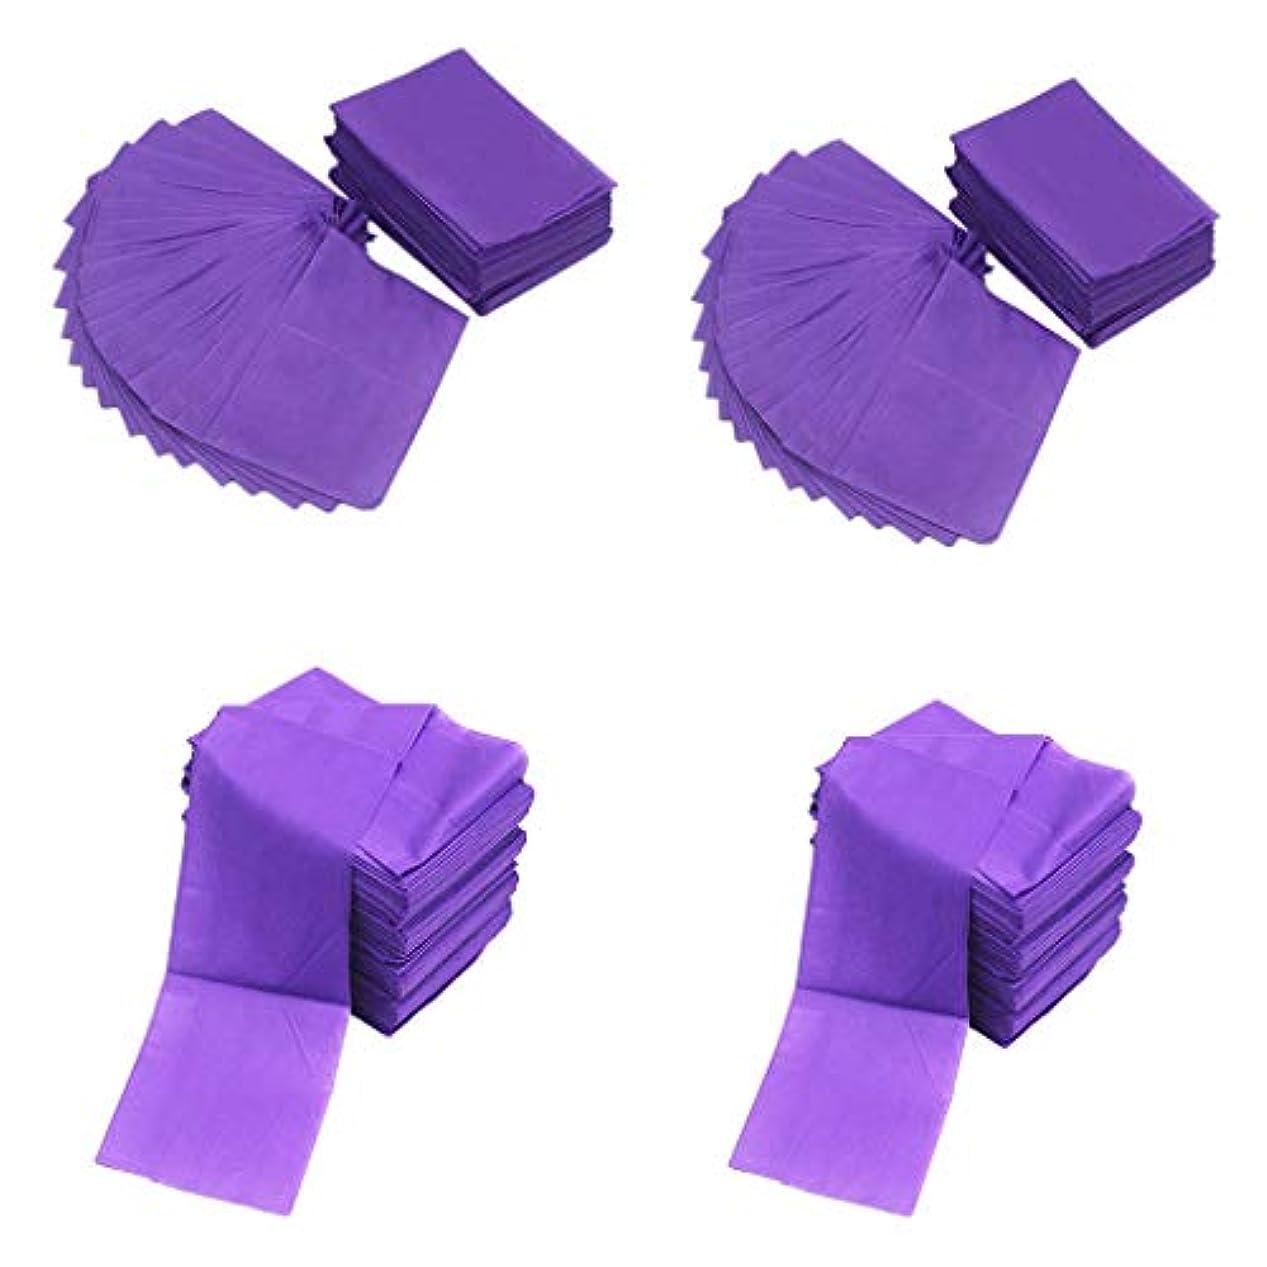 命令的対称欠陥dailymall マッサージベッドの顔の美、ボディワックスのための40部分の使い捨て可能なシーツ